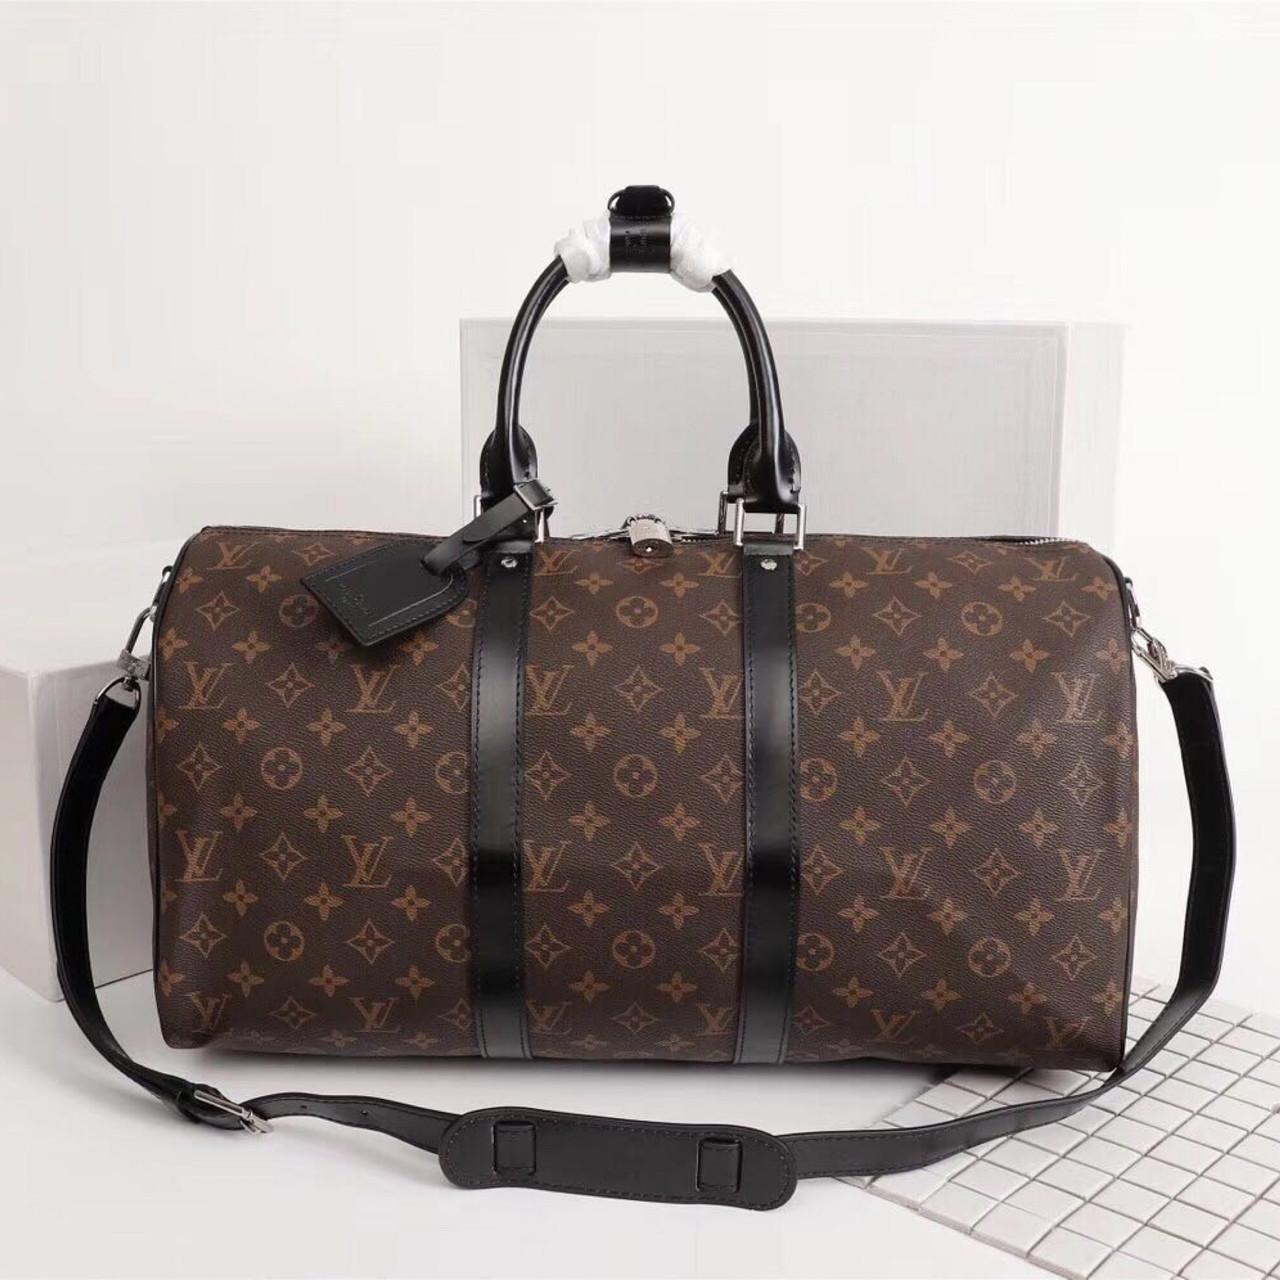 купить сумки луи витон интернет магазин